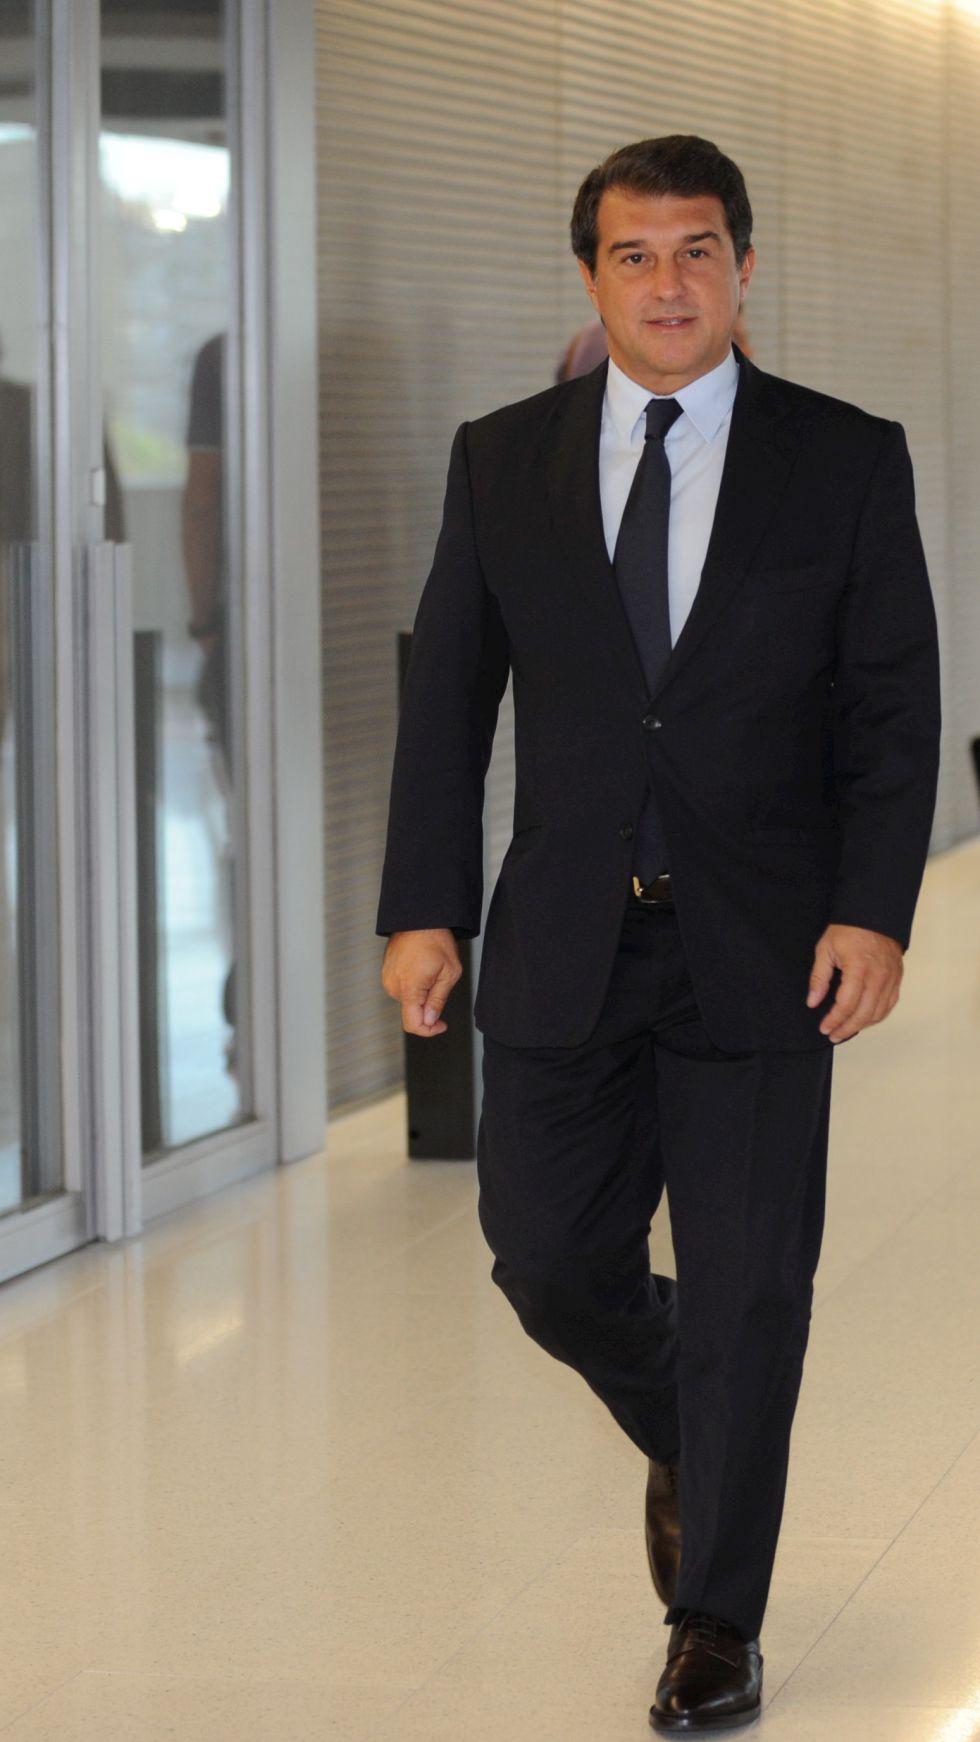 Histórica condena del Tribunal Supremo contra Joan Laporta